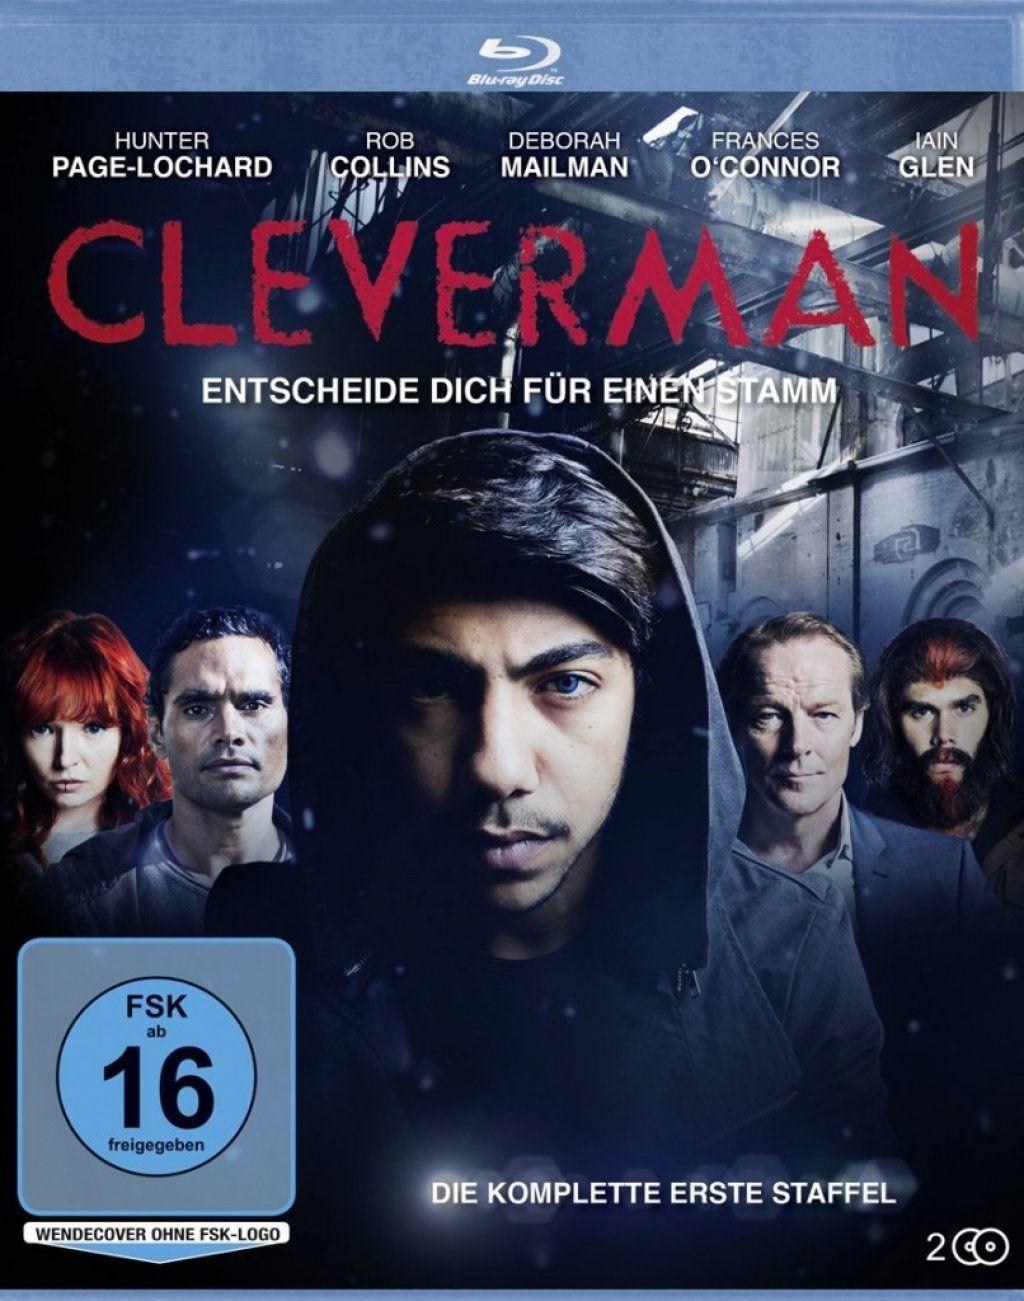 Cleverman - Staffel 1 (2 Discs) (BLURAY)